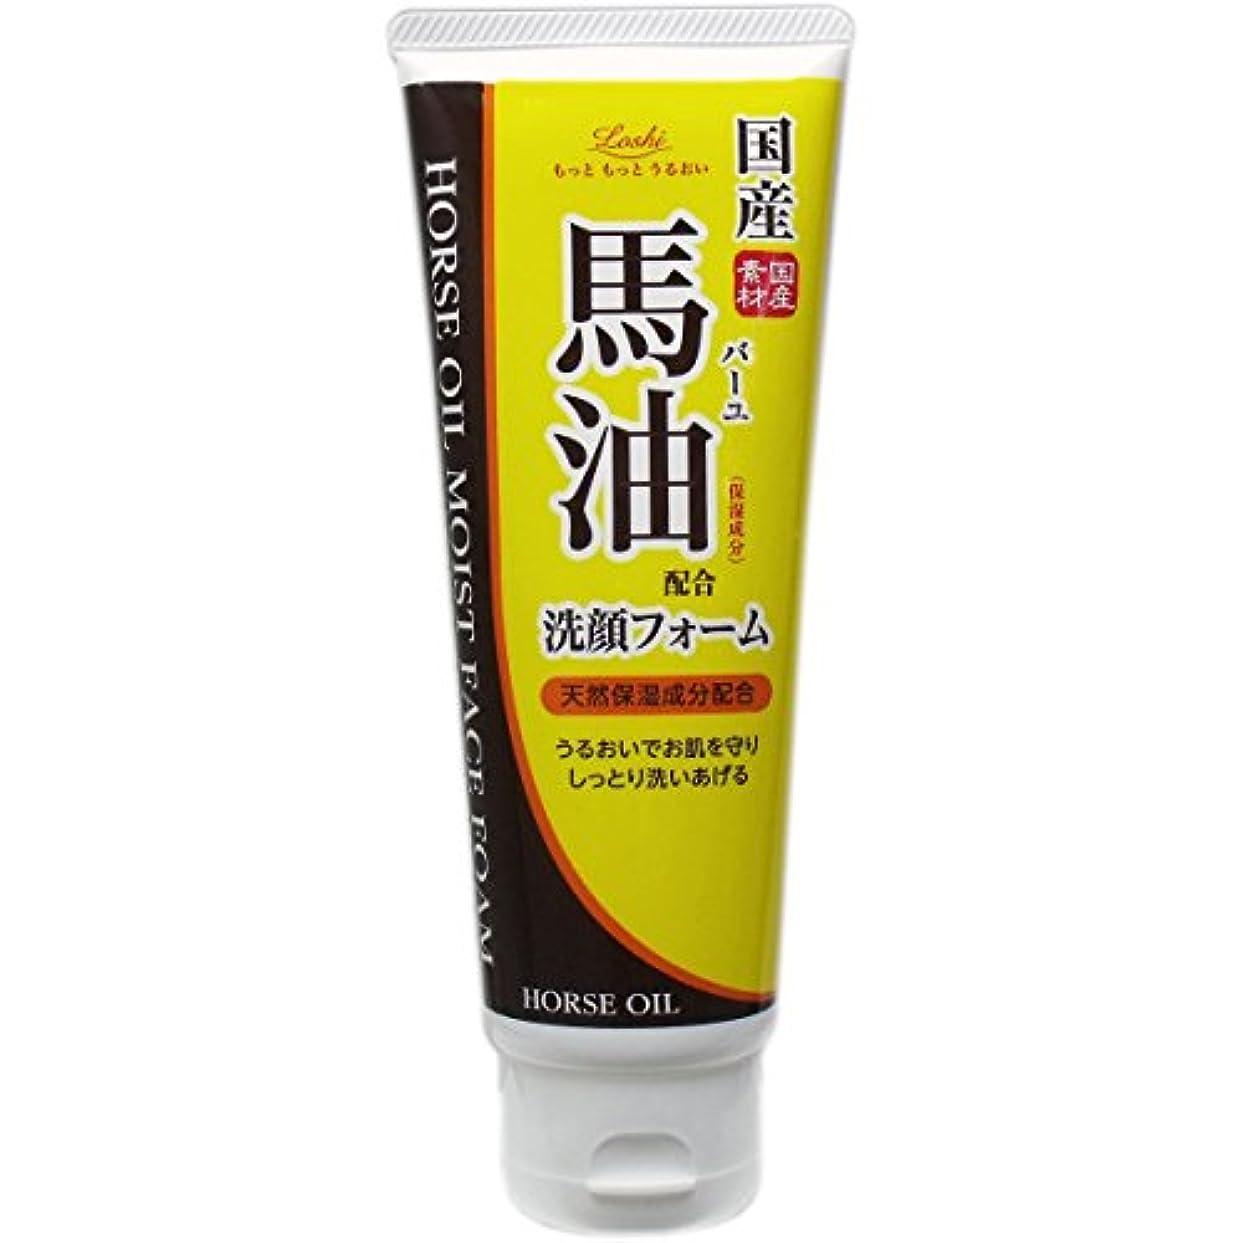 役割決済貫通するロッシ モイストエイド 馬油ホイップ洗顔フォーム 130g